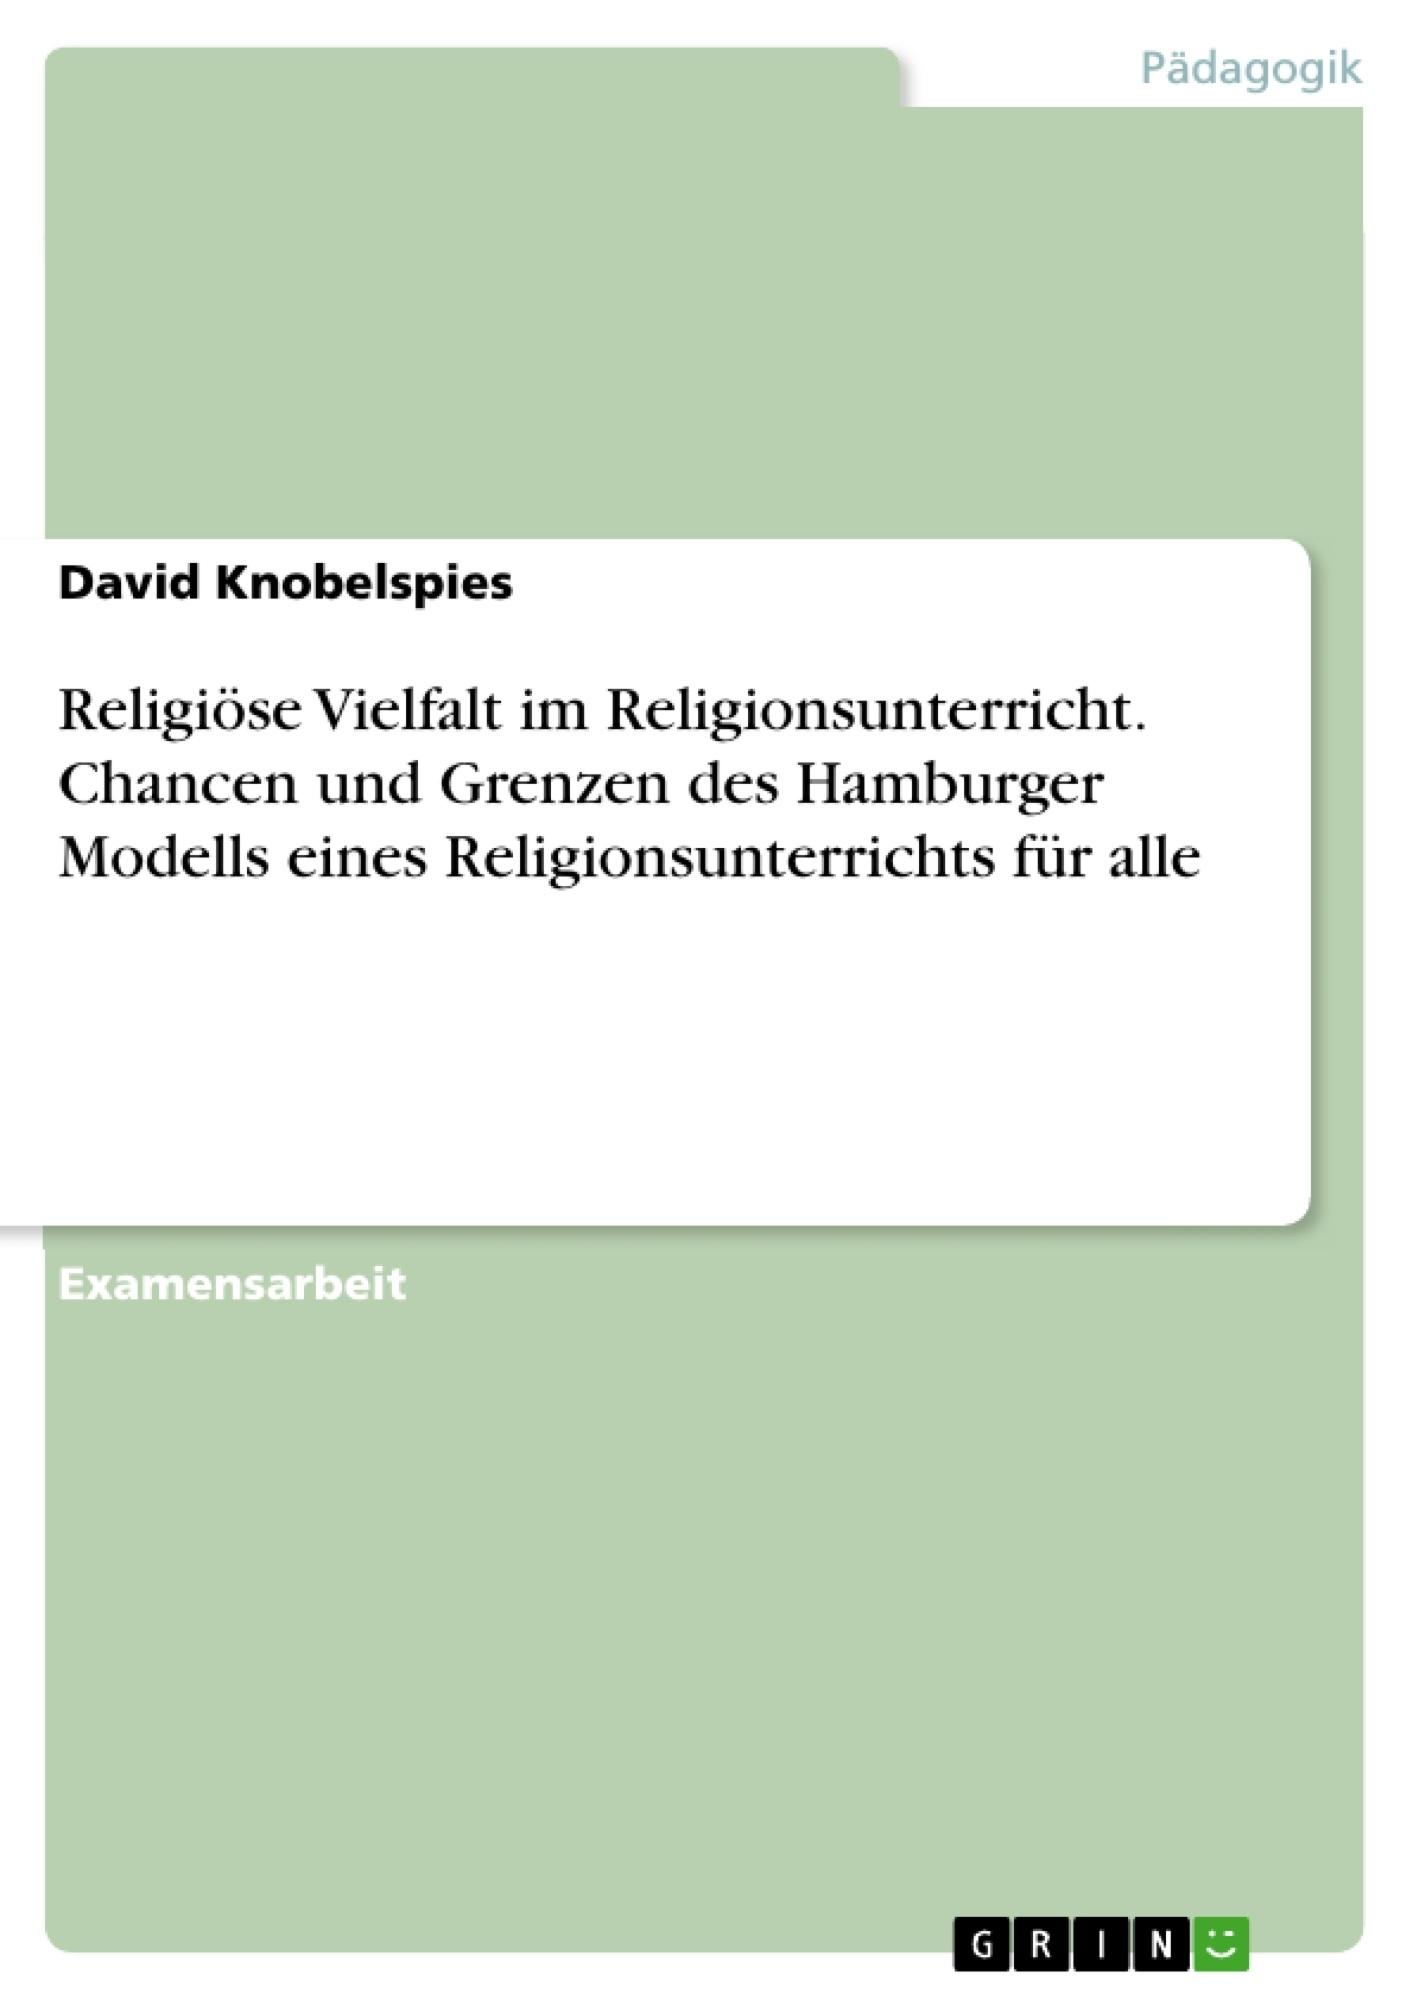 Titel: Religiöse Vielfalt im Religionsunterricht. Chancen und Grenzen des Hamburger Modells eines Religionsunterrichts für alle